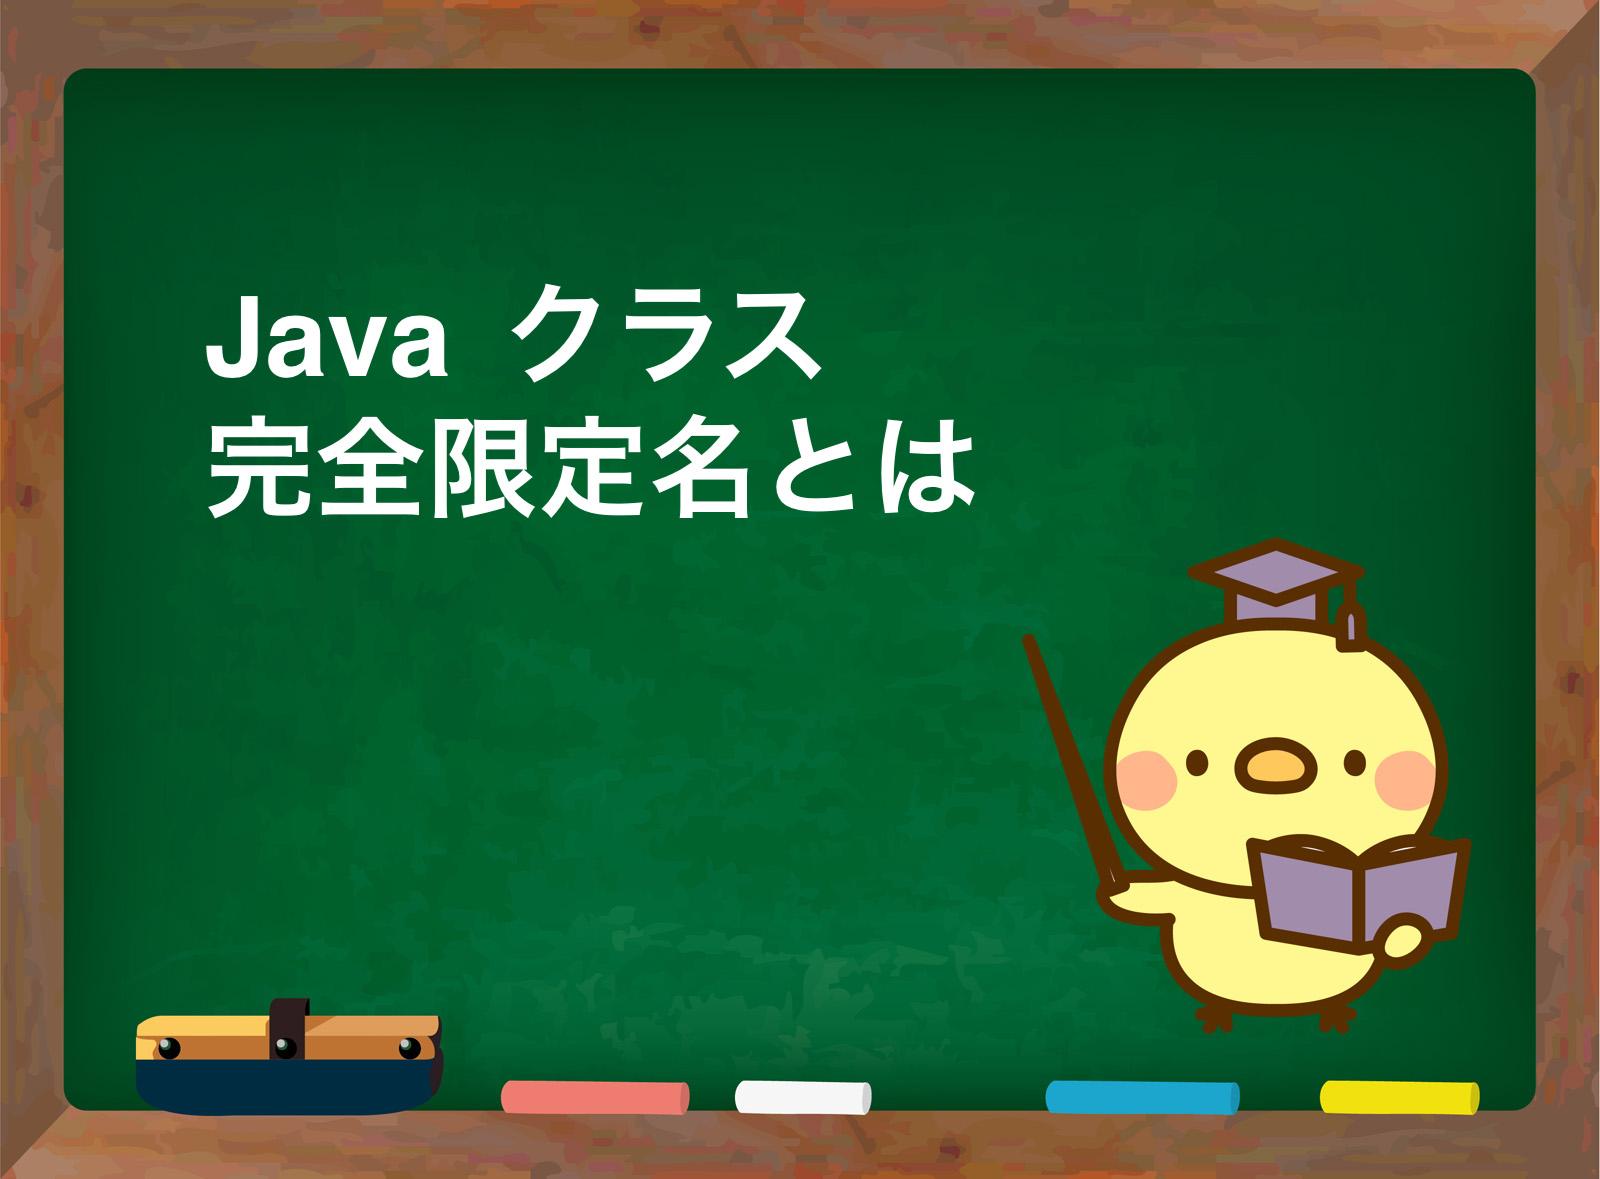 Java クラス 完全限定名とは